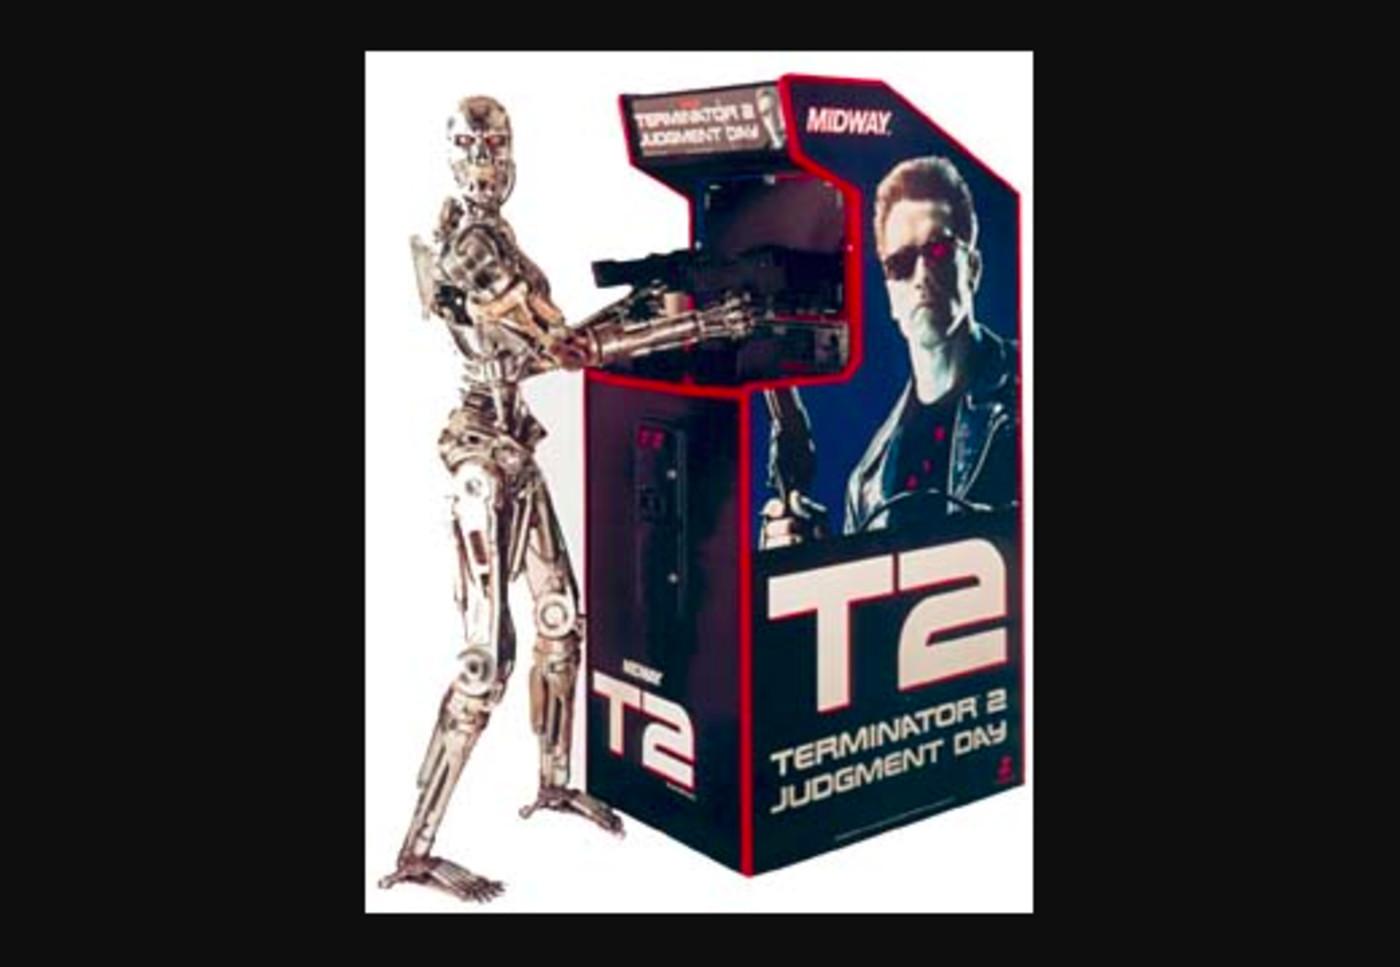 best-arcade-games-1990s-terminator-2